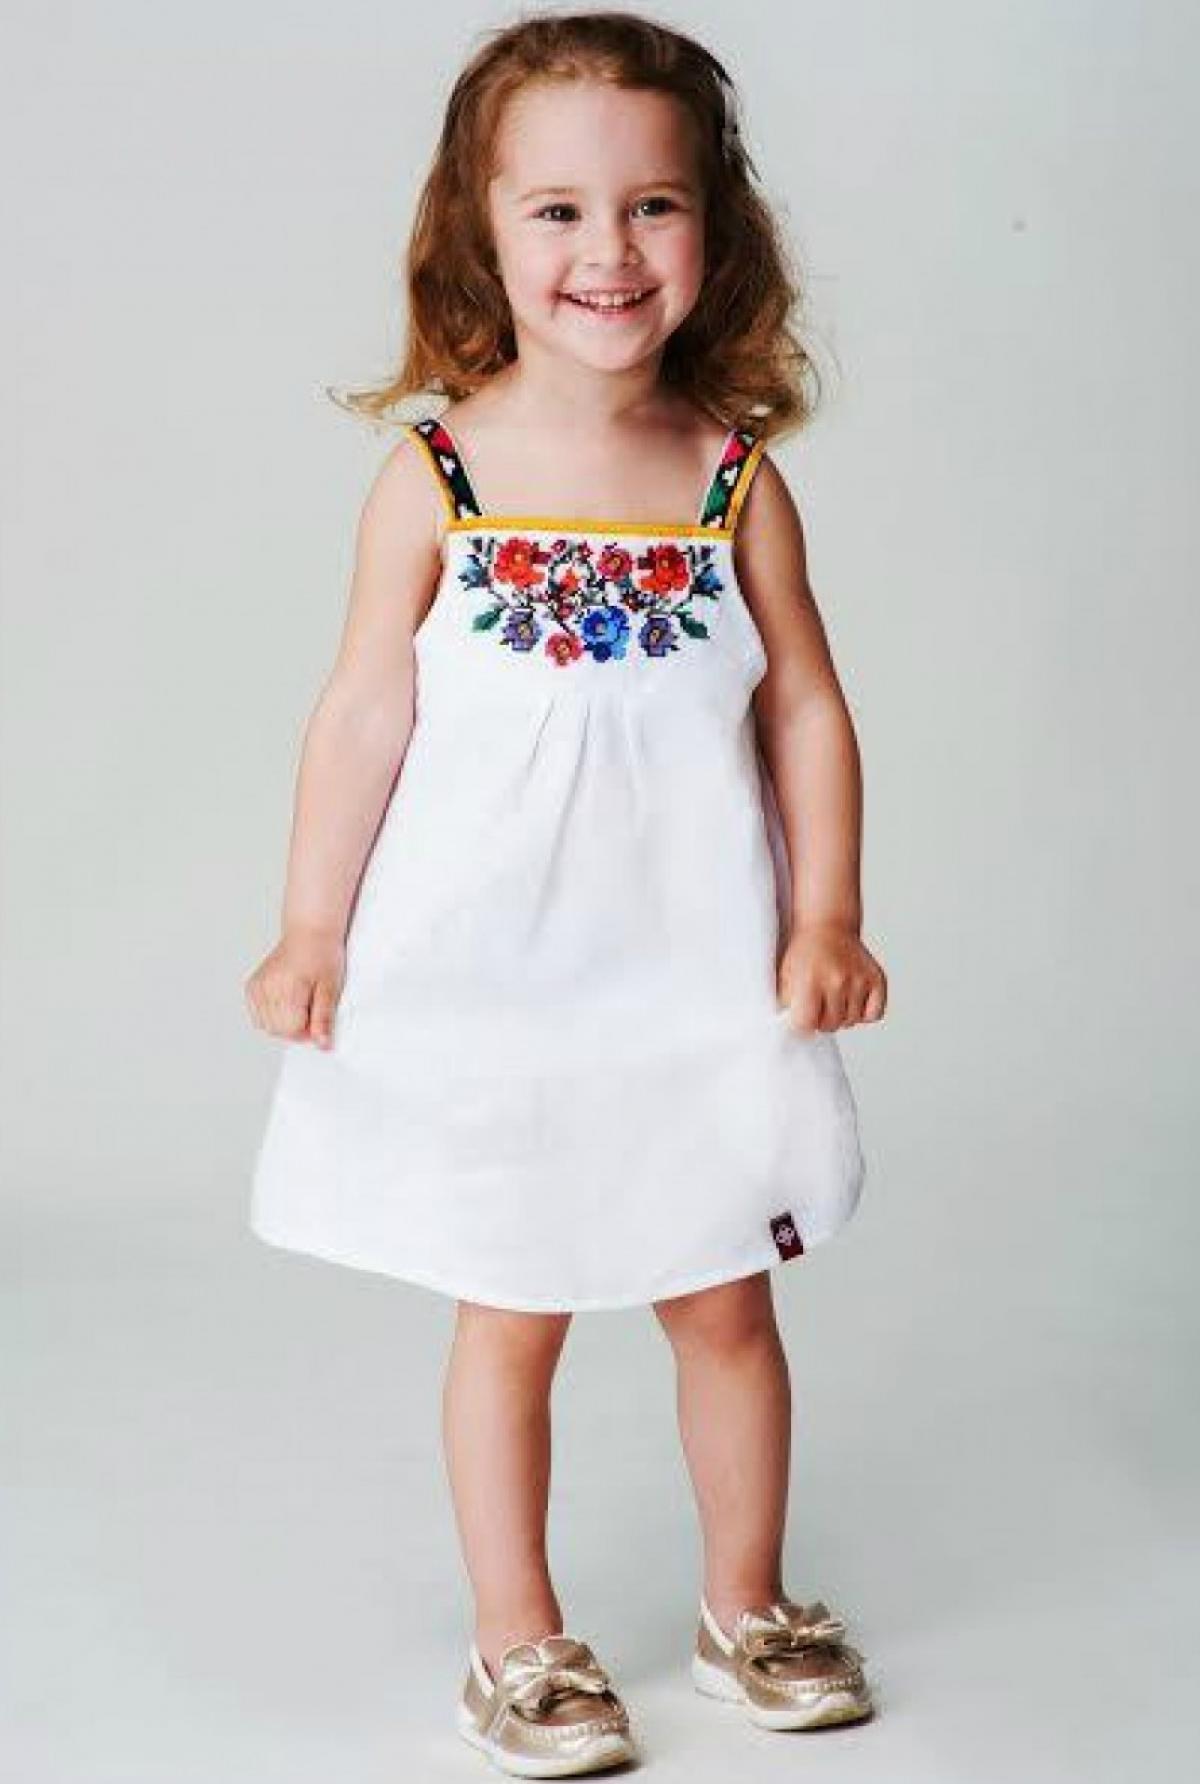 Вышитая белое платье для девочки Борщевская. Фото №1. | Народный дом Украина